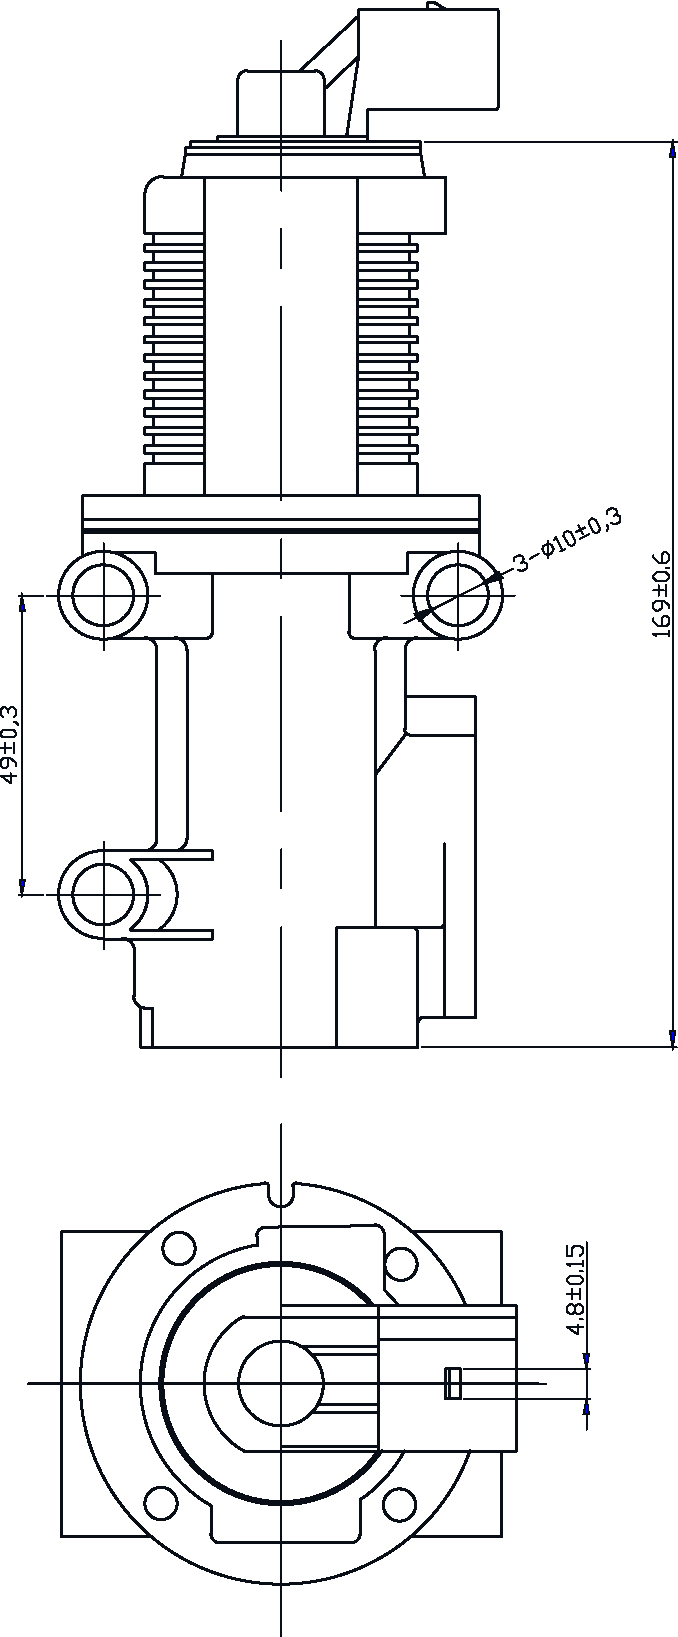 182000 Egr Valve John Deere Alternator Wiring Diagram 15 Mini Exc New